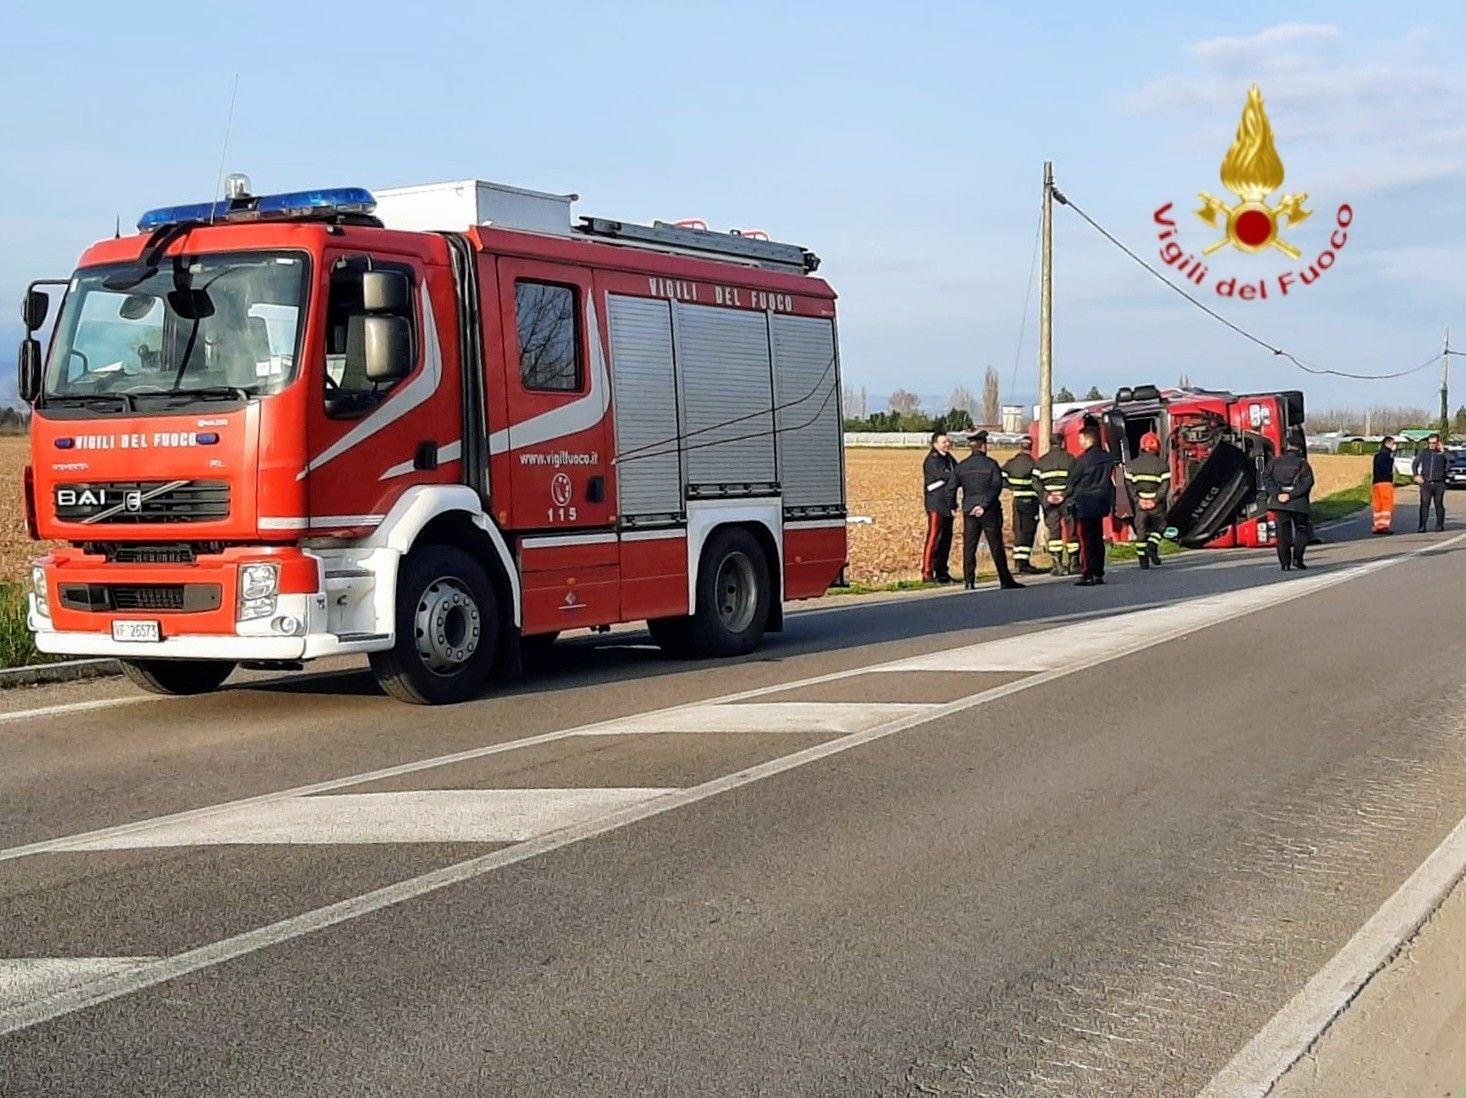 vigili del fuoco camion ribaltato-2